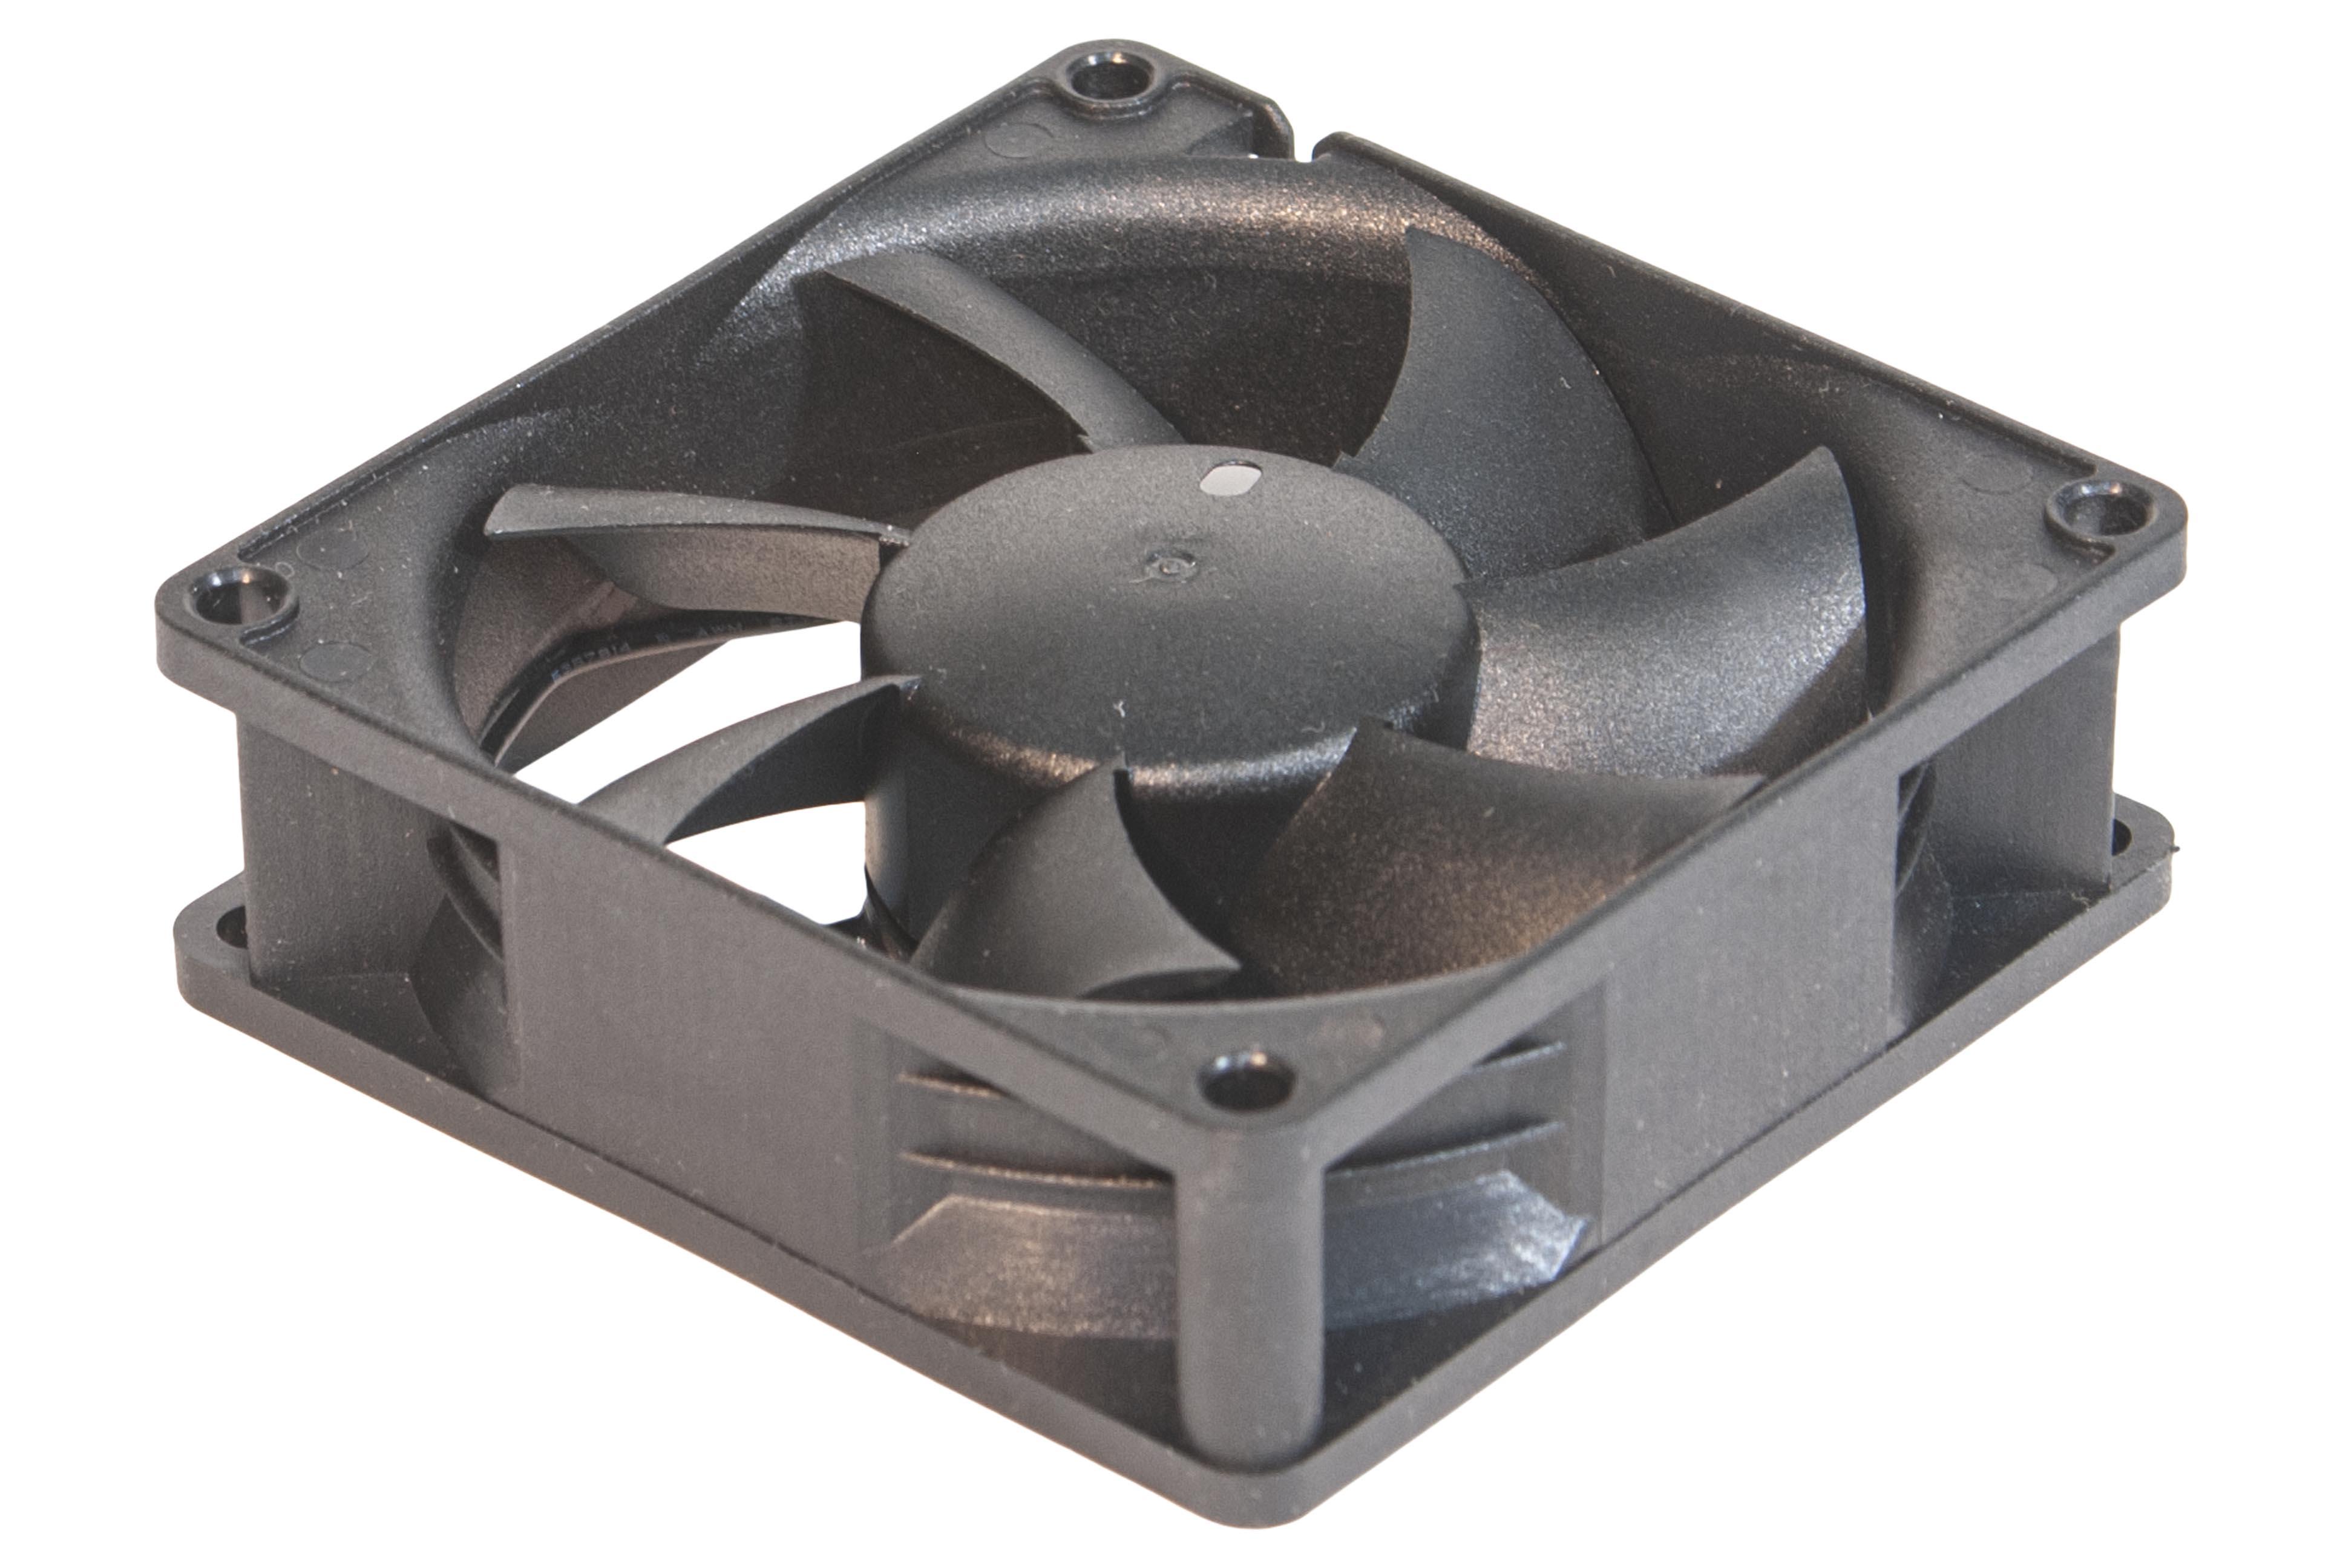 TF-021 FAN - вентилятор, кулер